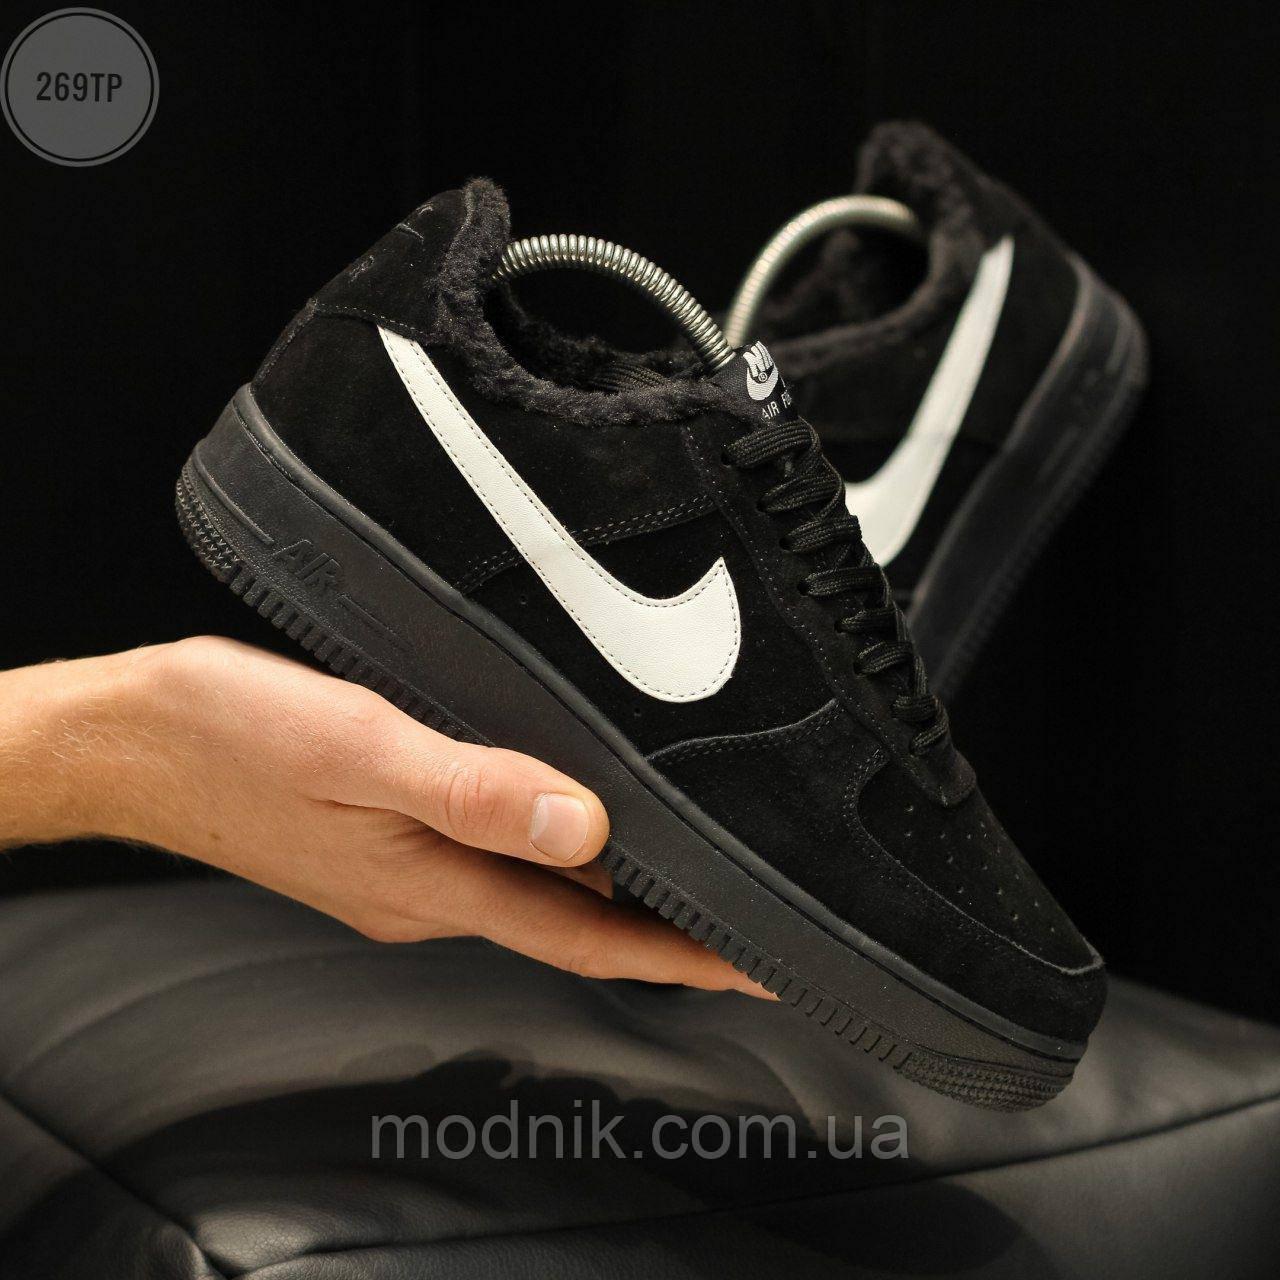 Мужские зимние кроссовки Nike Air Force Low Black Winter (черные) 269TP